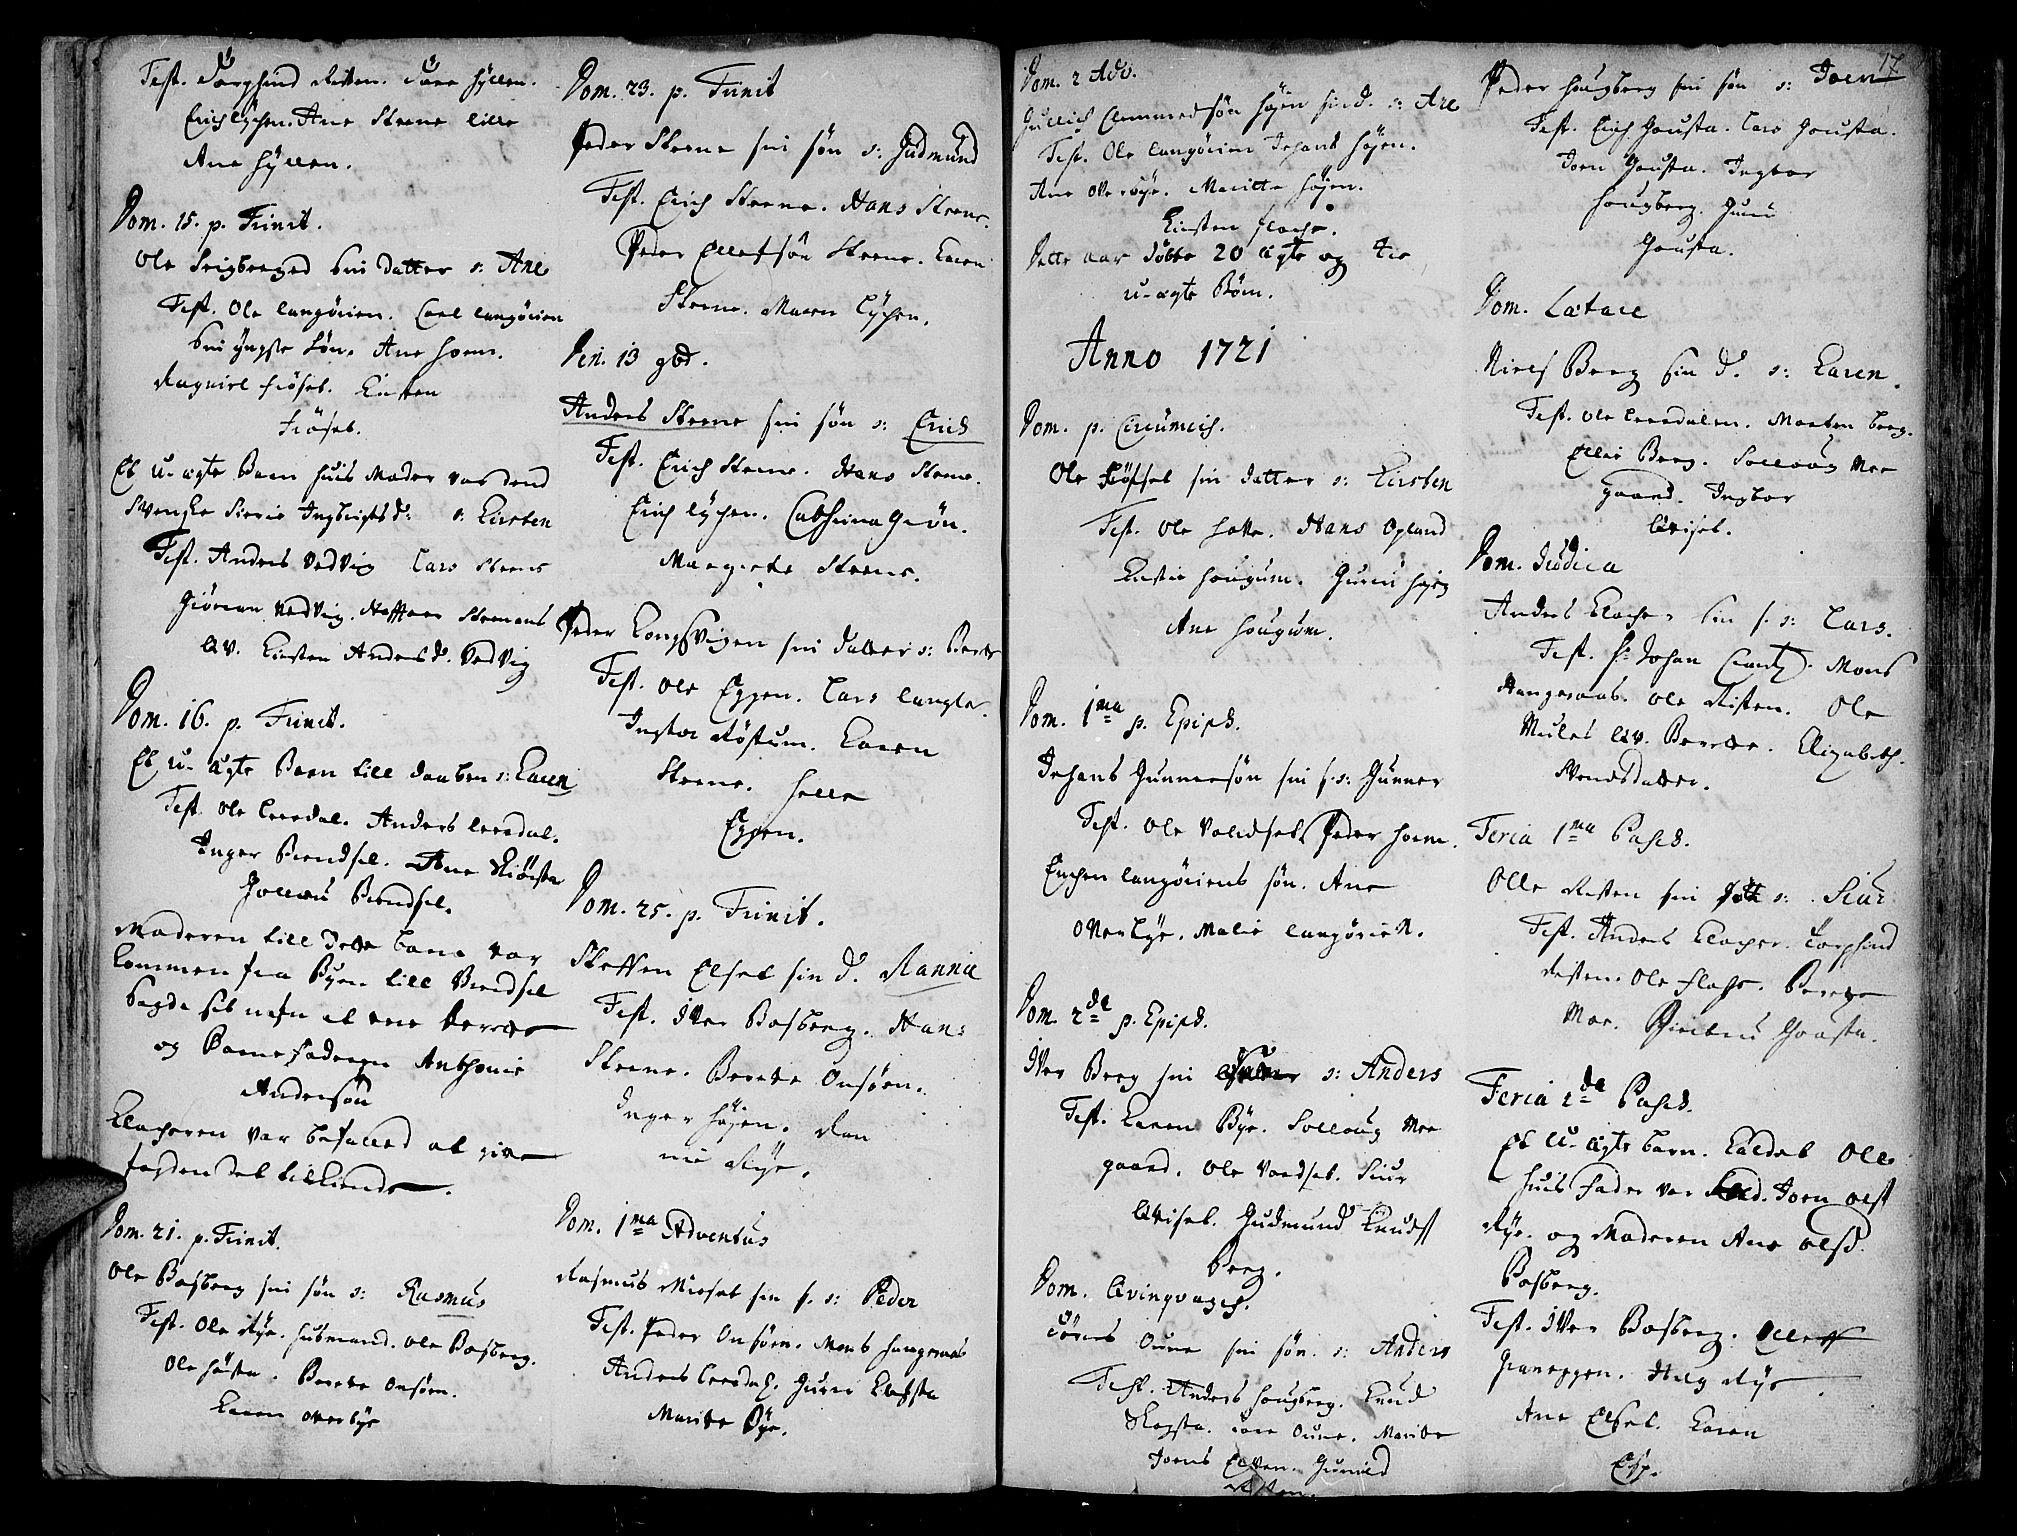 SAT, Ministerialprotokoller, klokkerbøker og fødselsregistre - Sør-Trøndelag, 612/L0368: Ministerialbok nr. 612A02, 1702-1753, s. 17